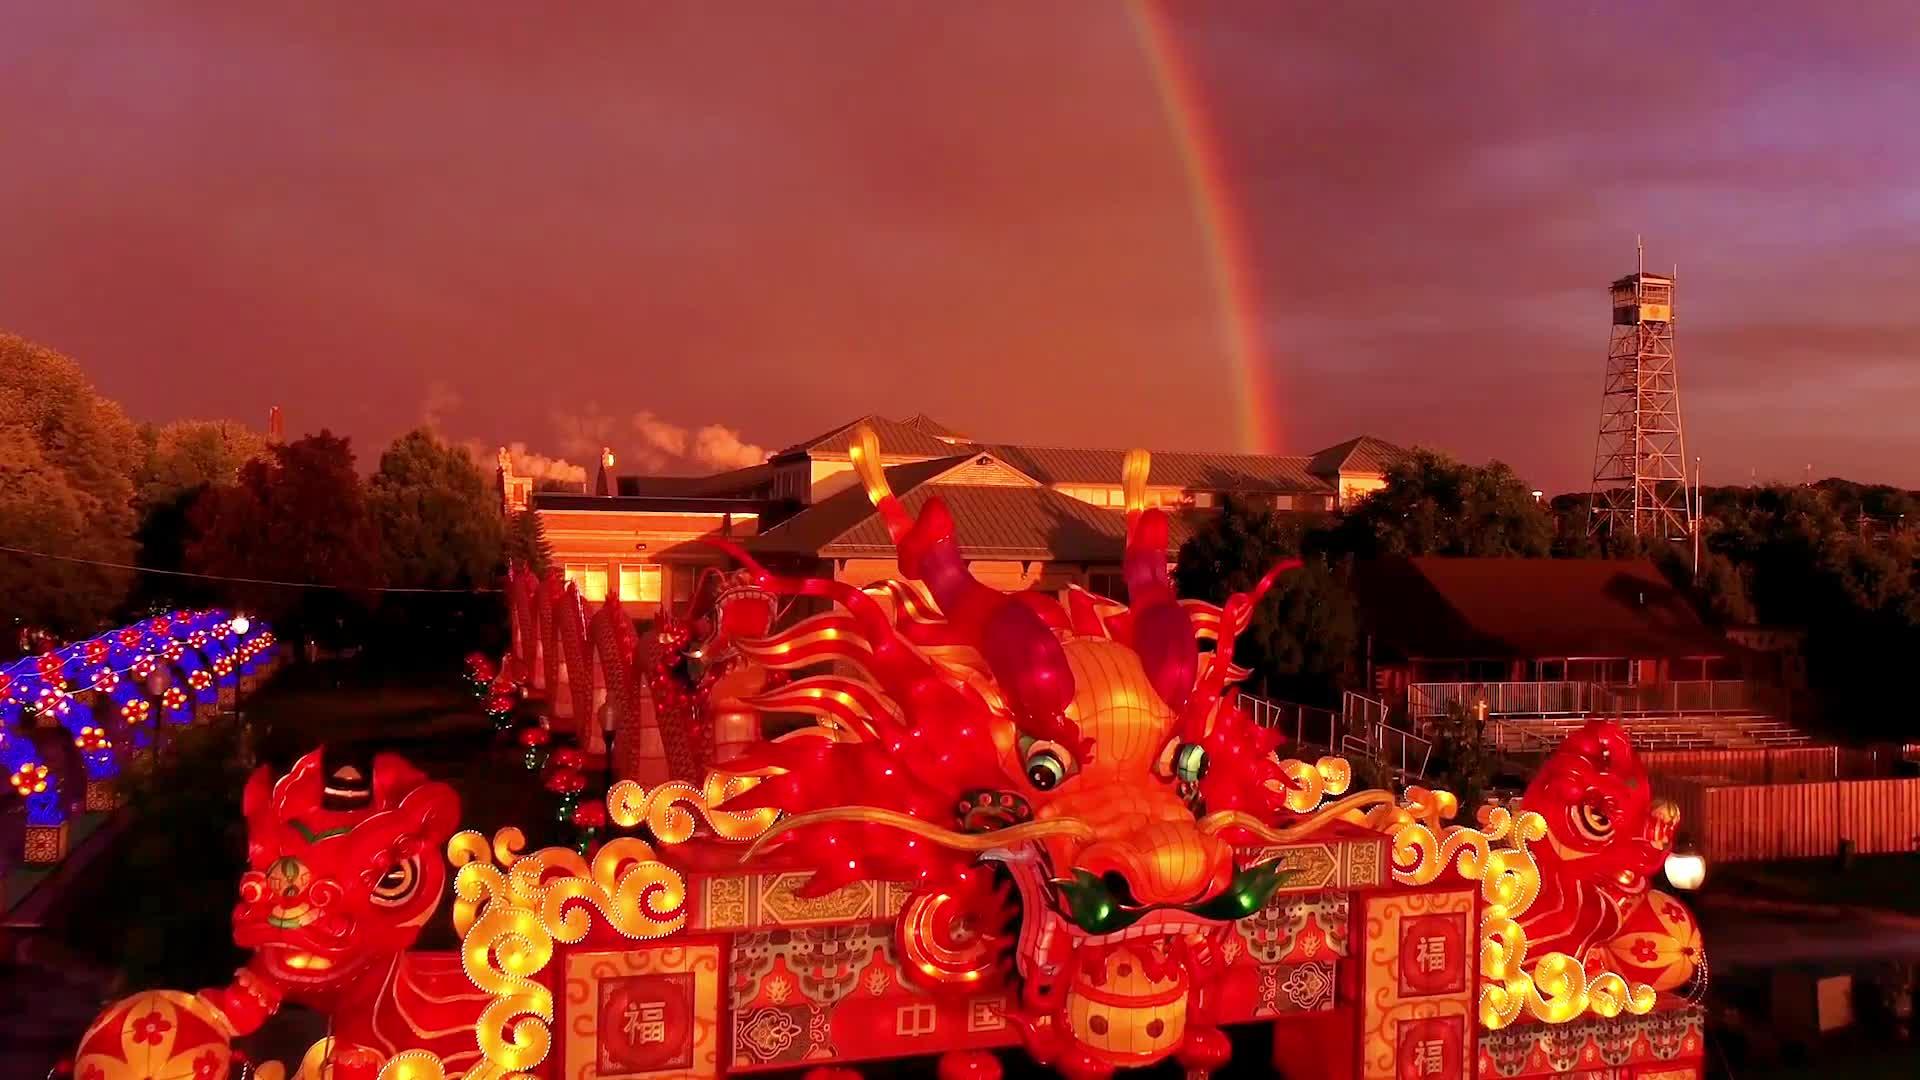 פסטיבל קישוט בד מסורתי הסיני הדרקון פנס